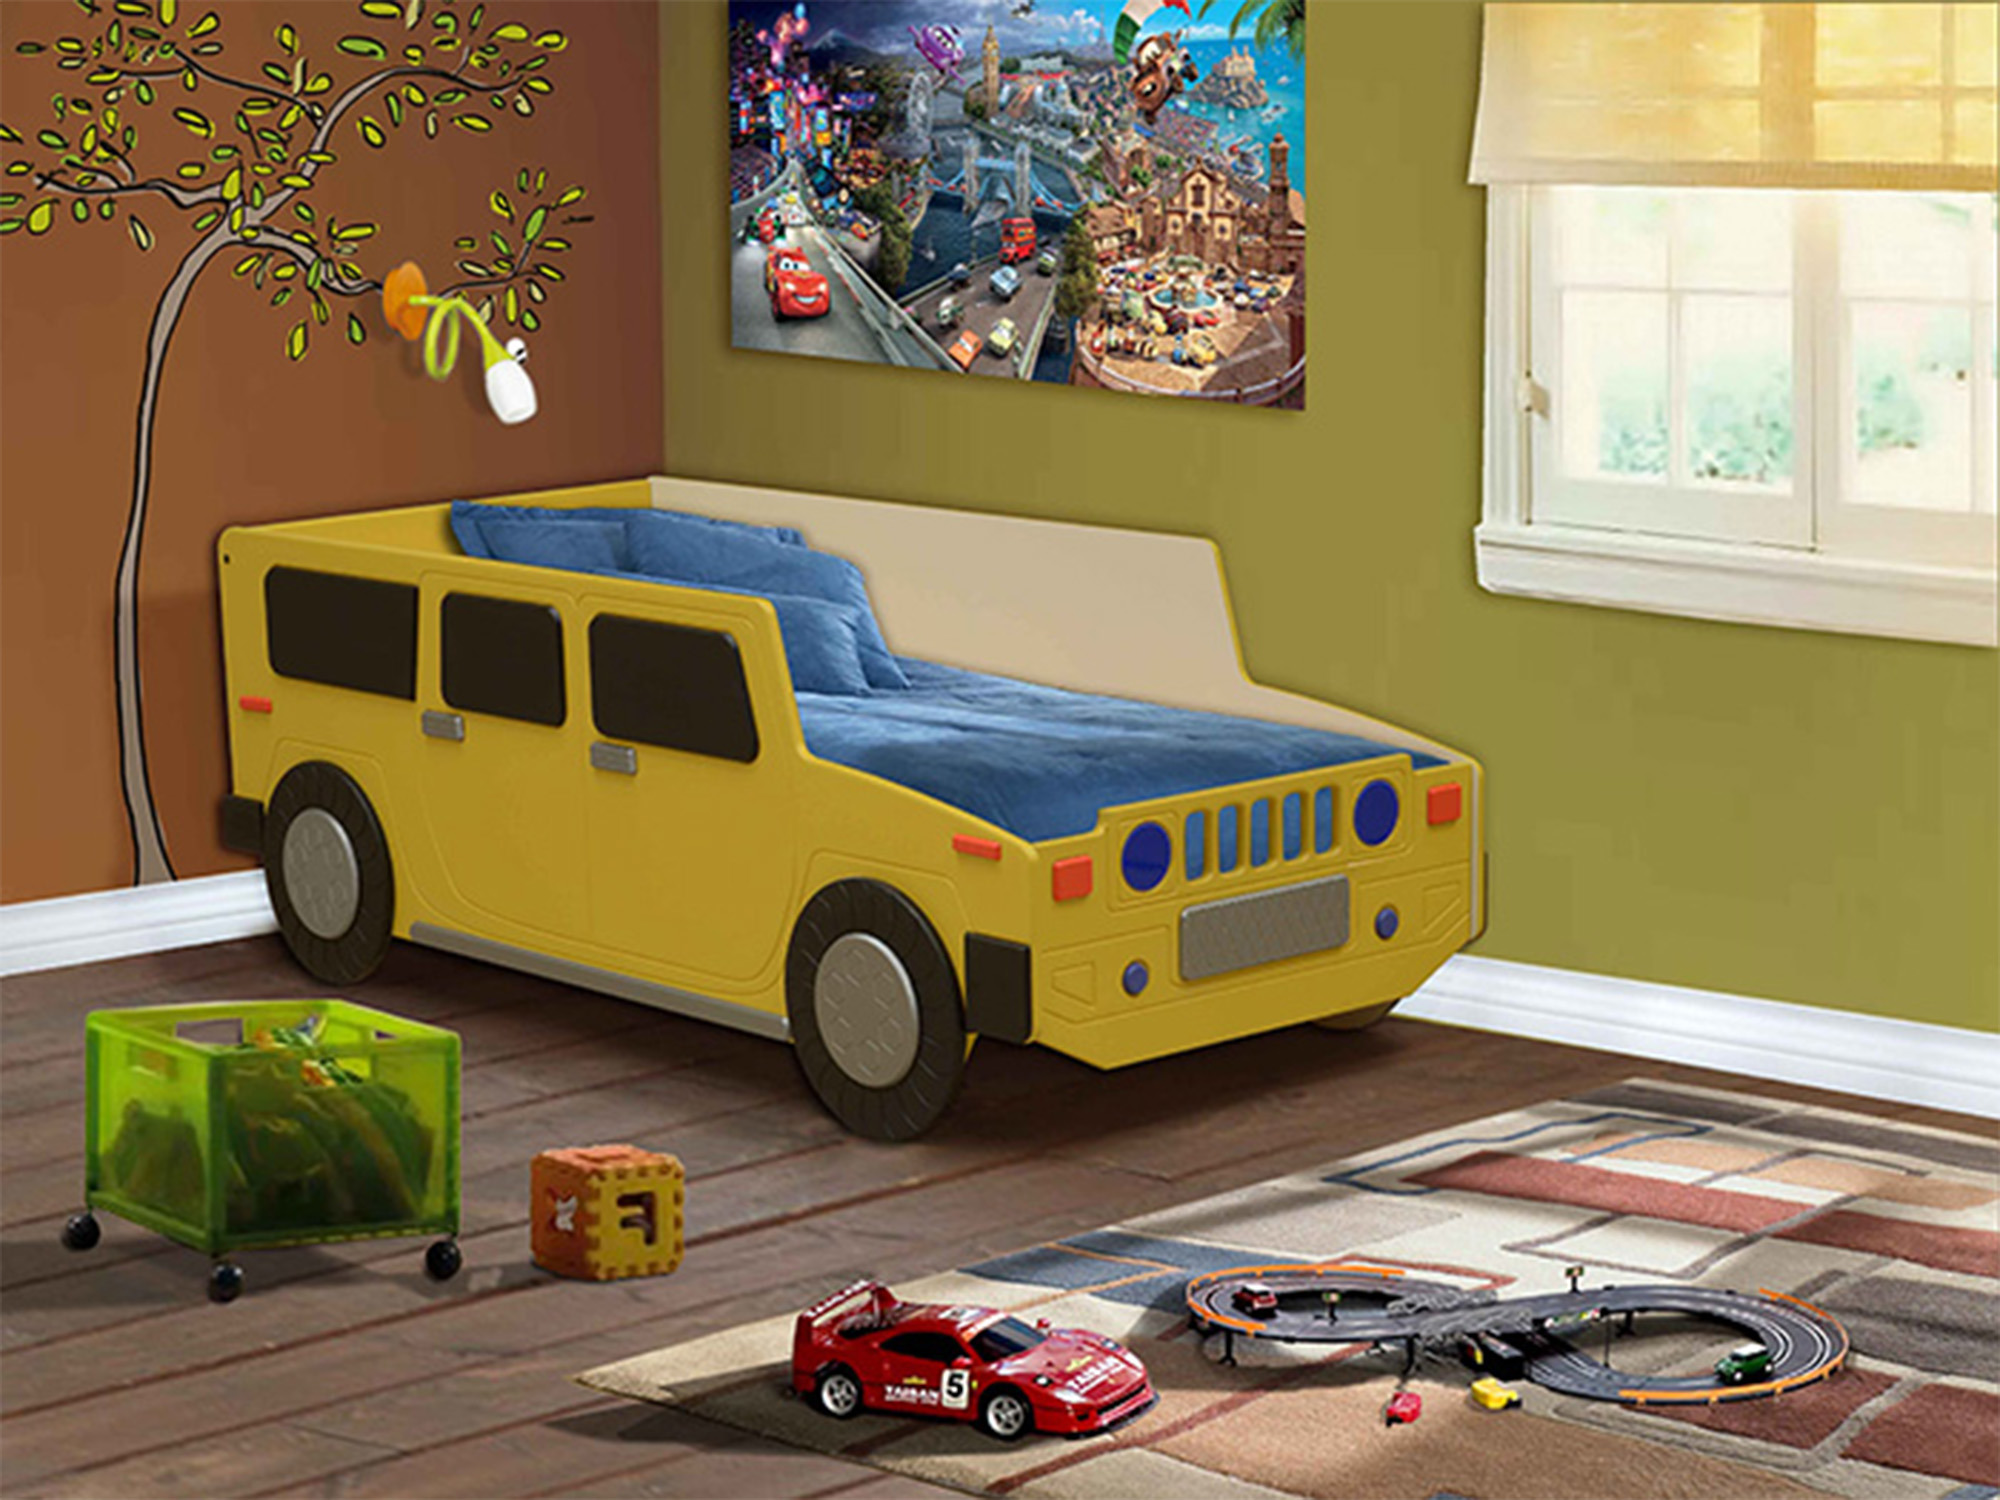 Кровать ХаммерДетские кровати<br><br><br>Длина мм: 840<br>Высота мм: 520<br>Глубина мм: 1900